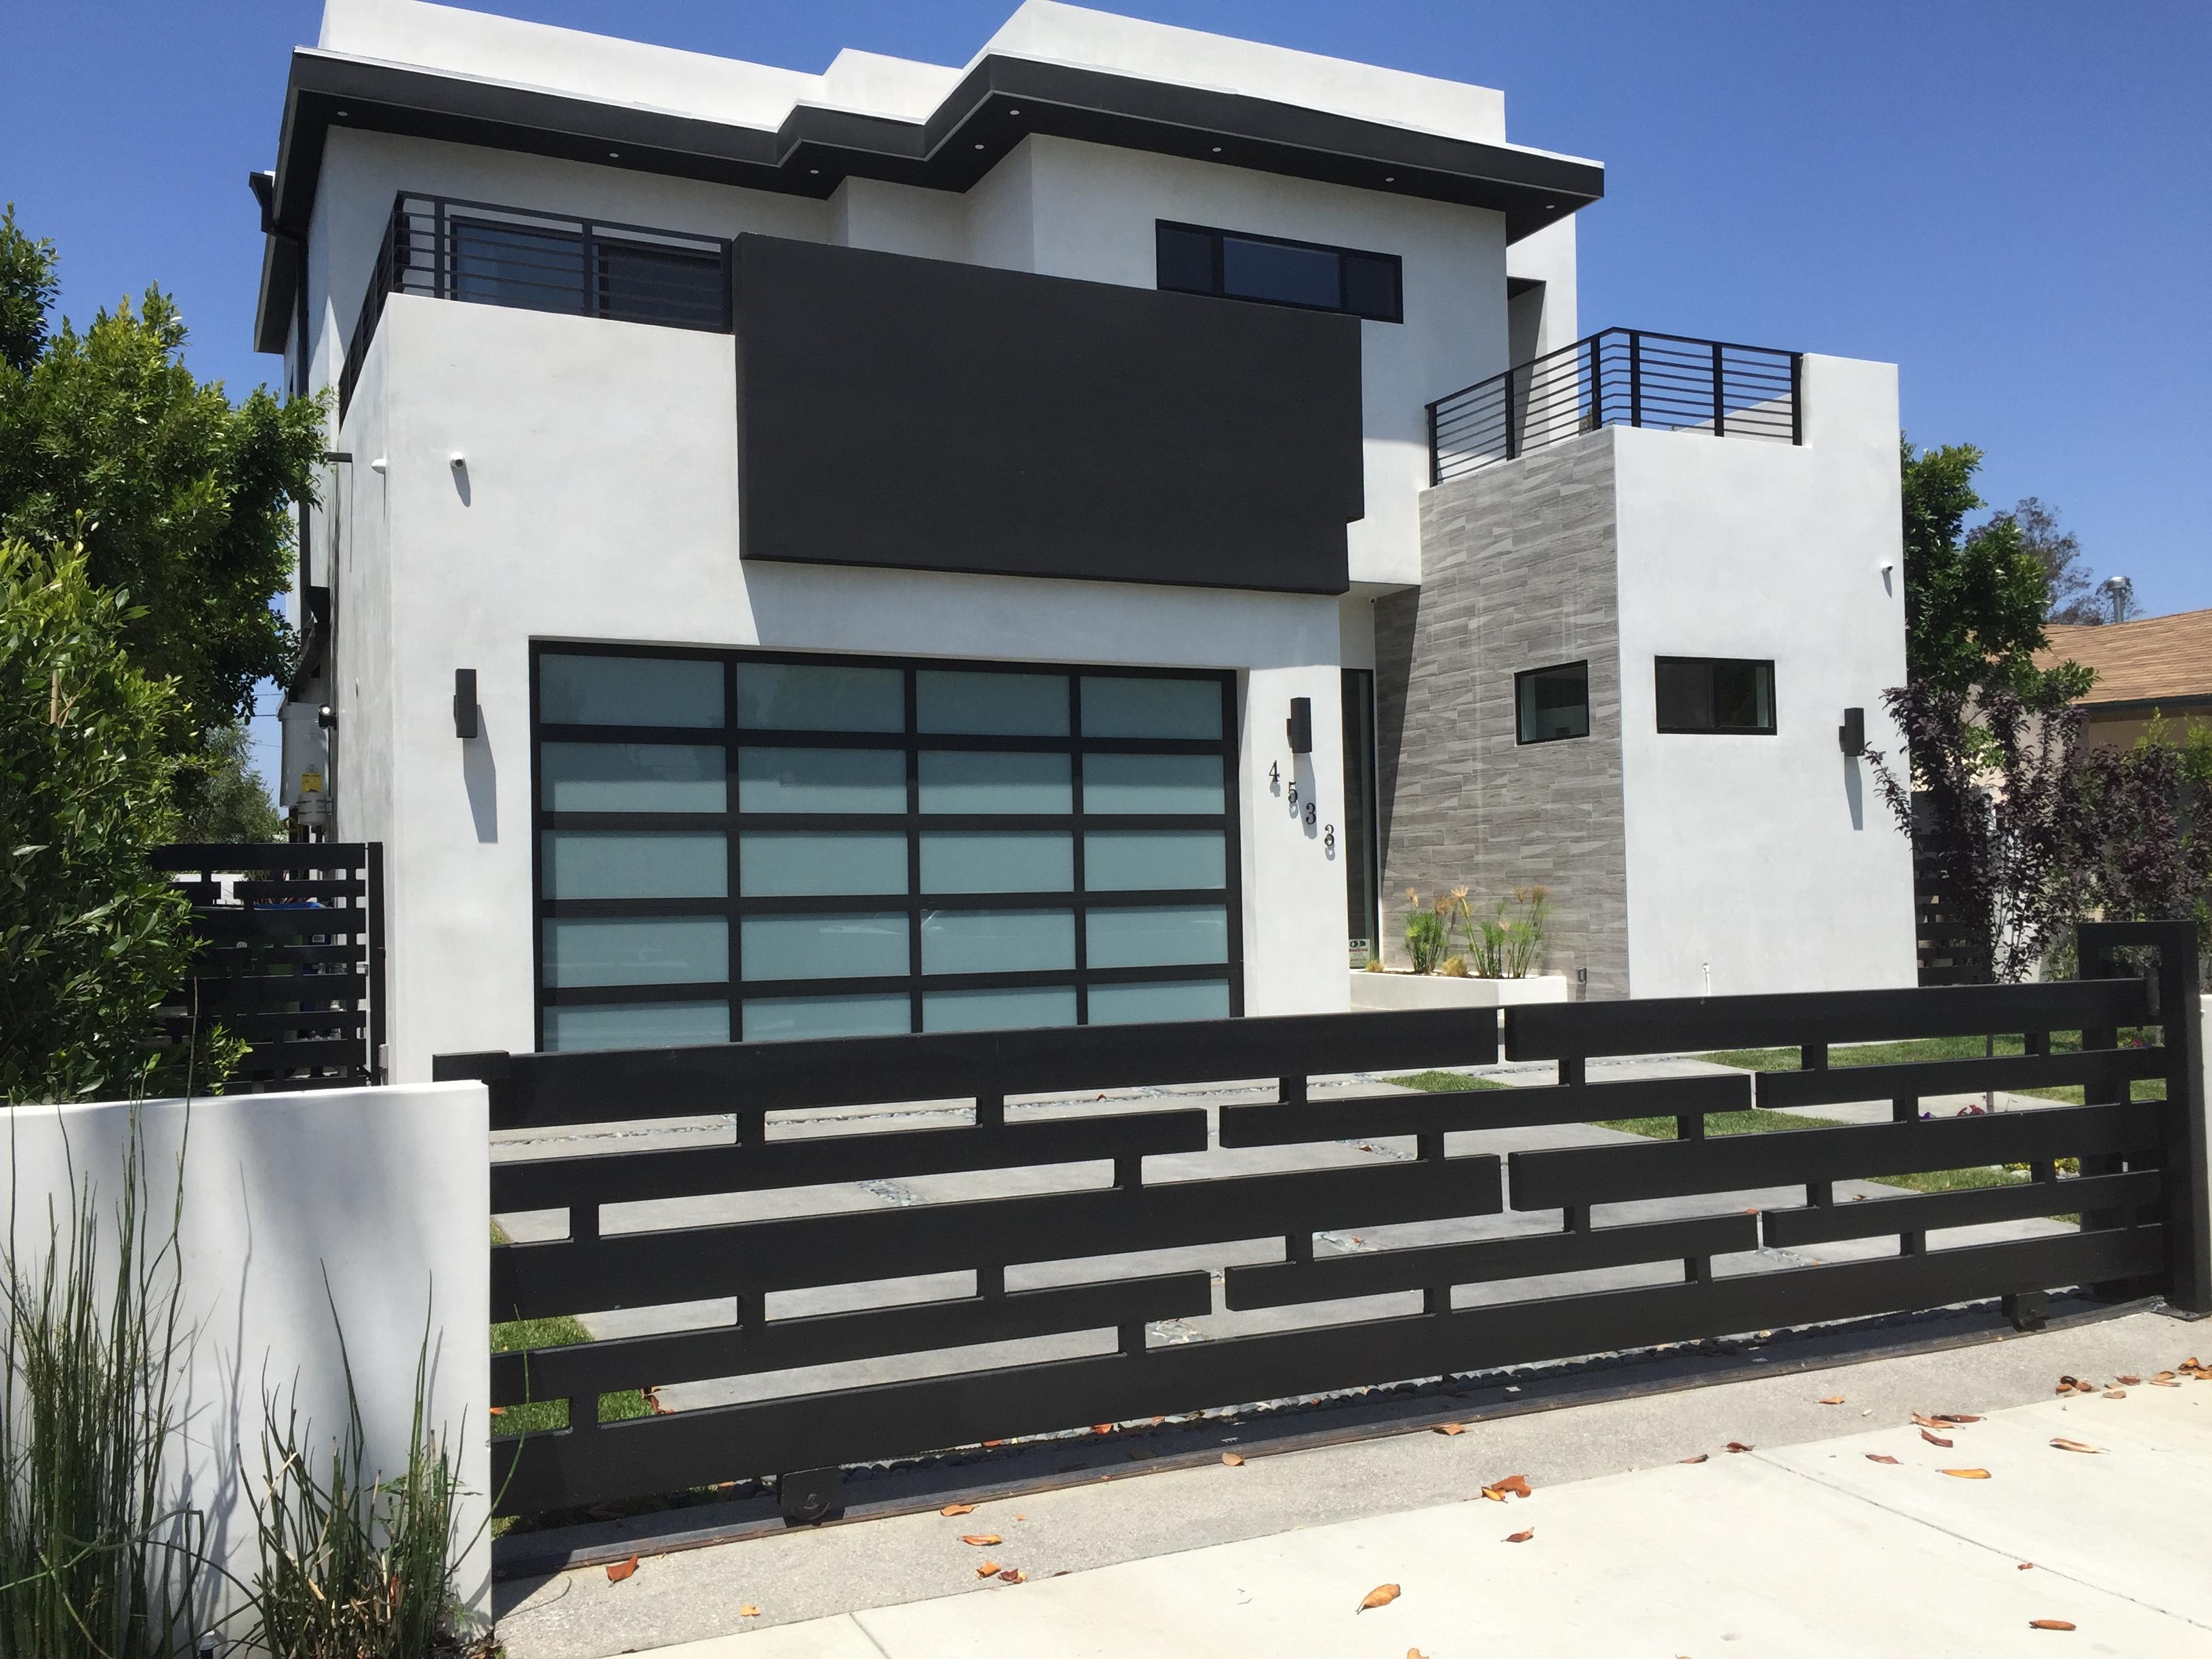 Sherman Oaks Installation extruded aluminum Bronze Screen Door in Living Room